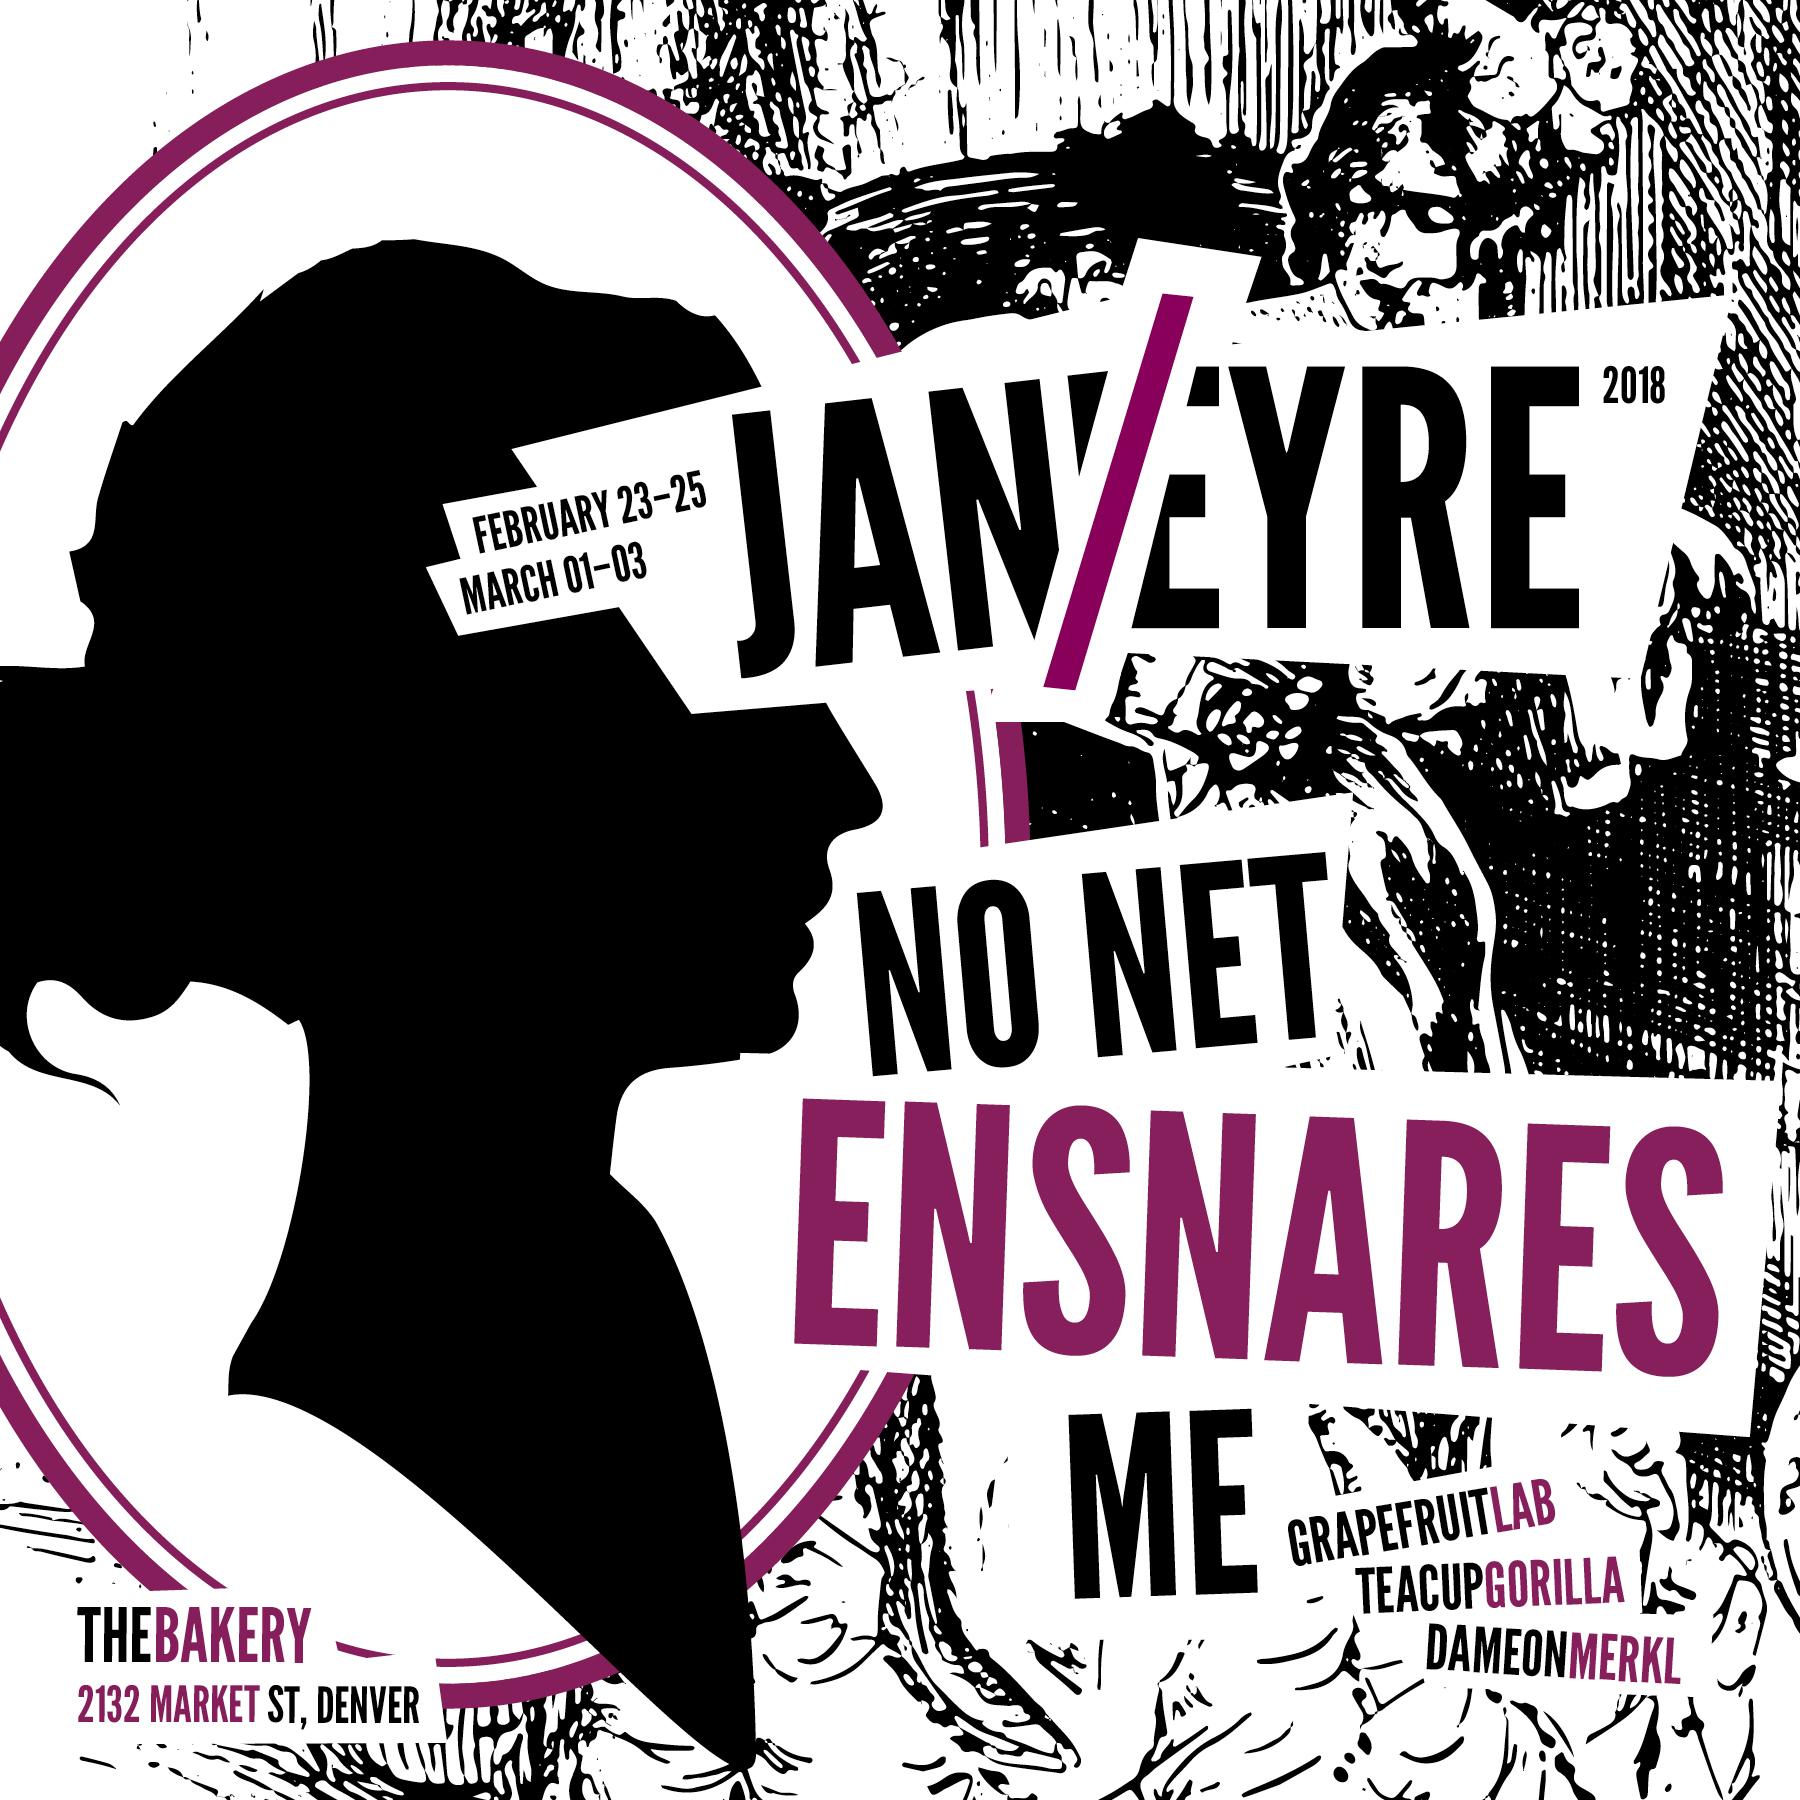 jane poster2.jpg